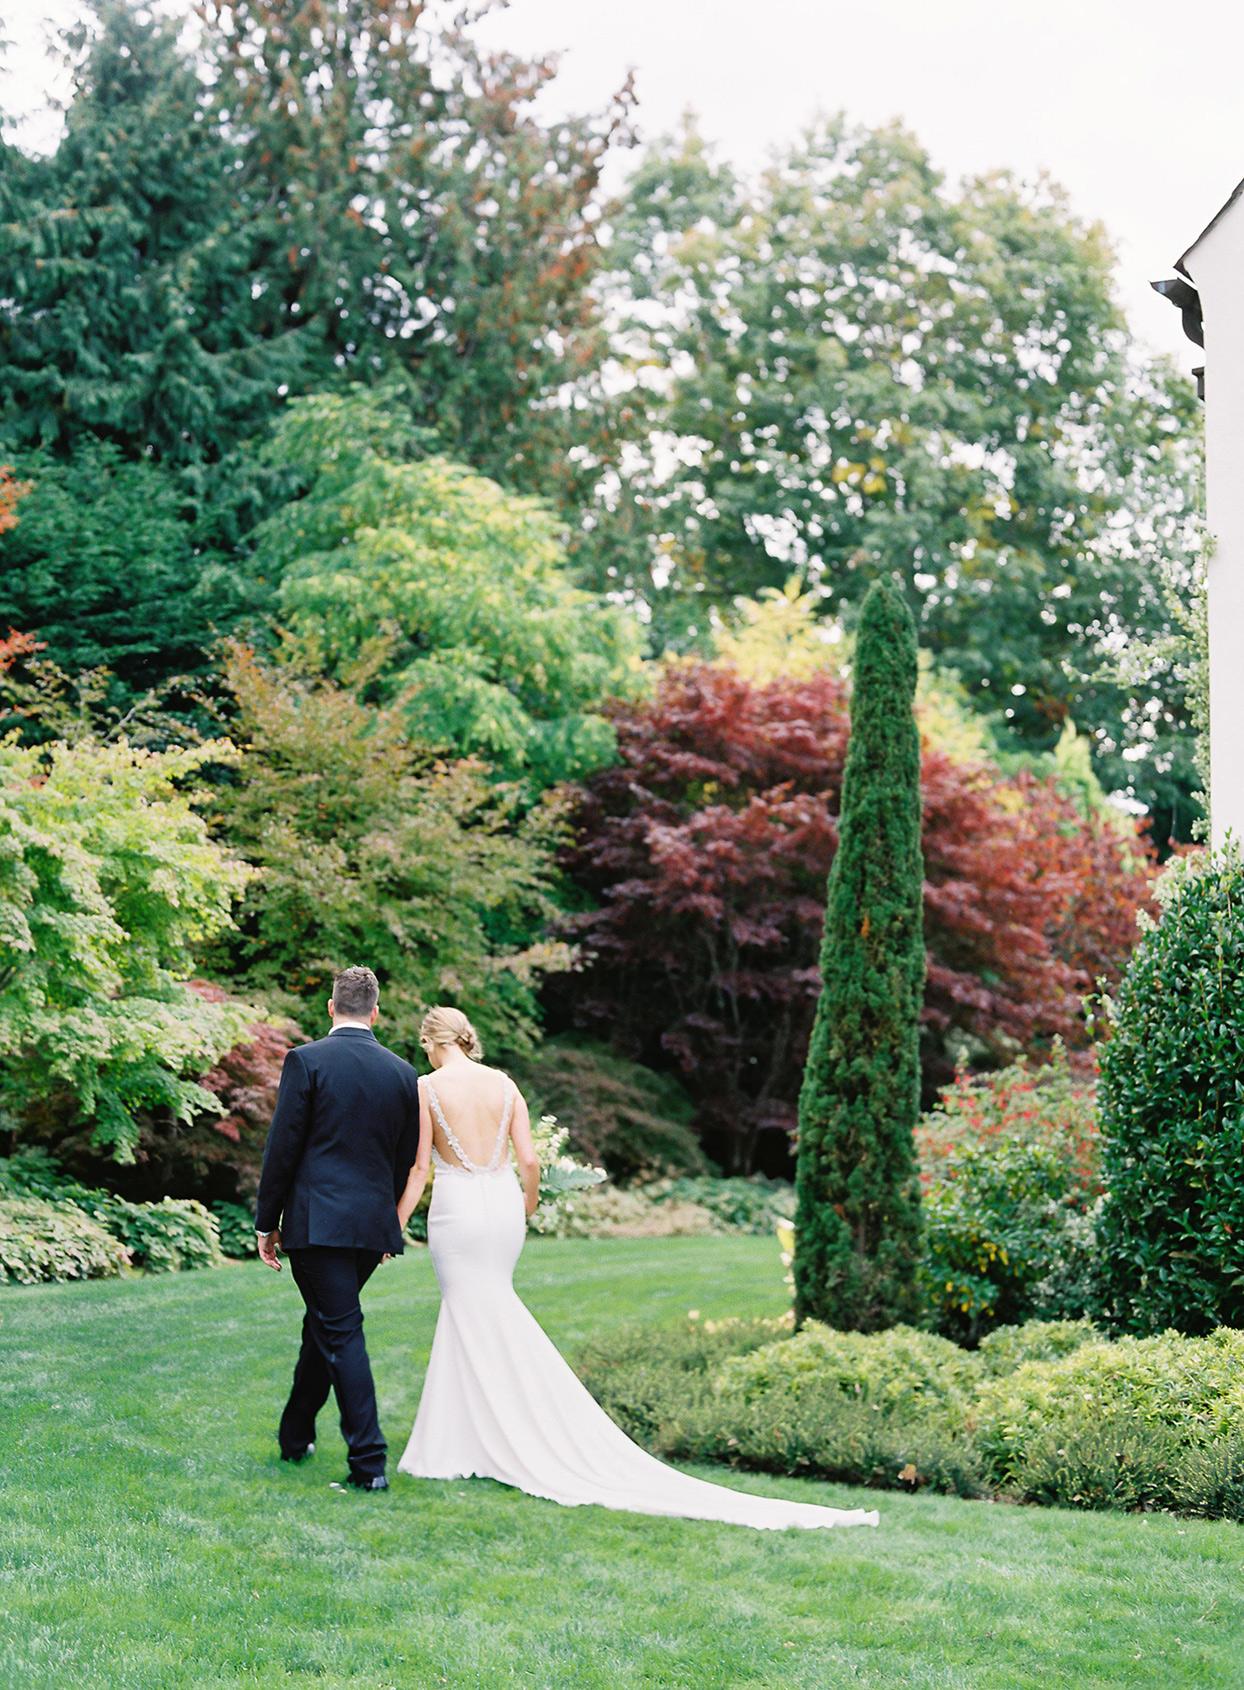 hillary alexander wedding couple walking through garden